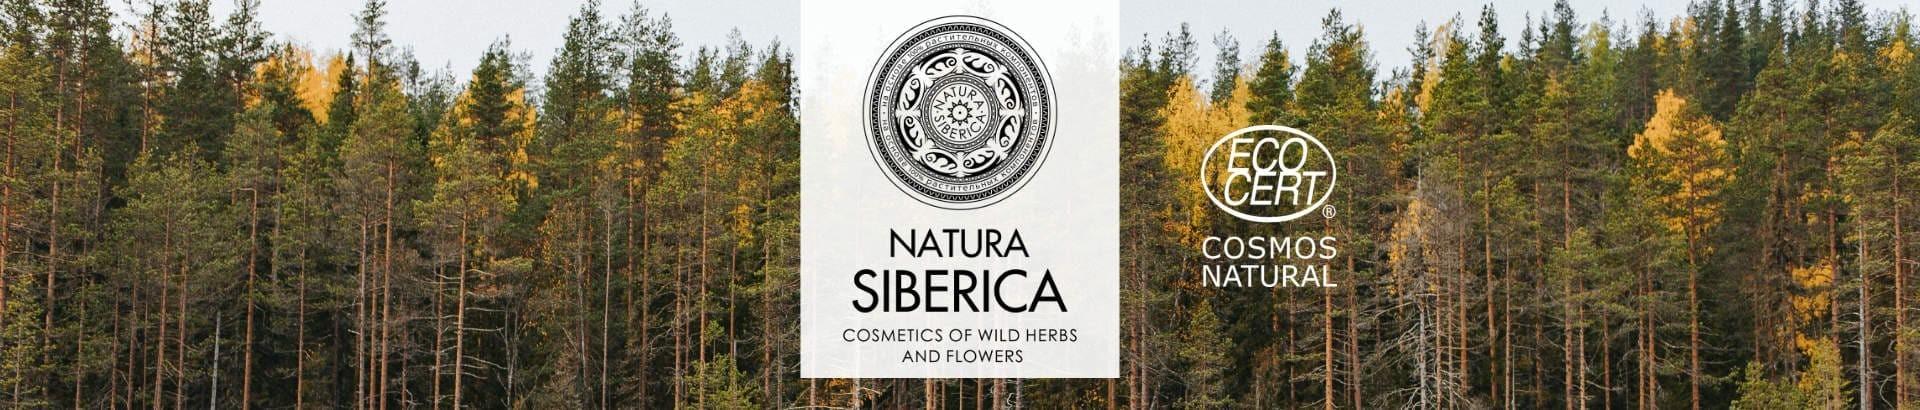 certifié naturel natura siberica